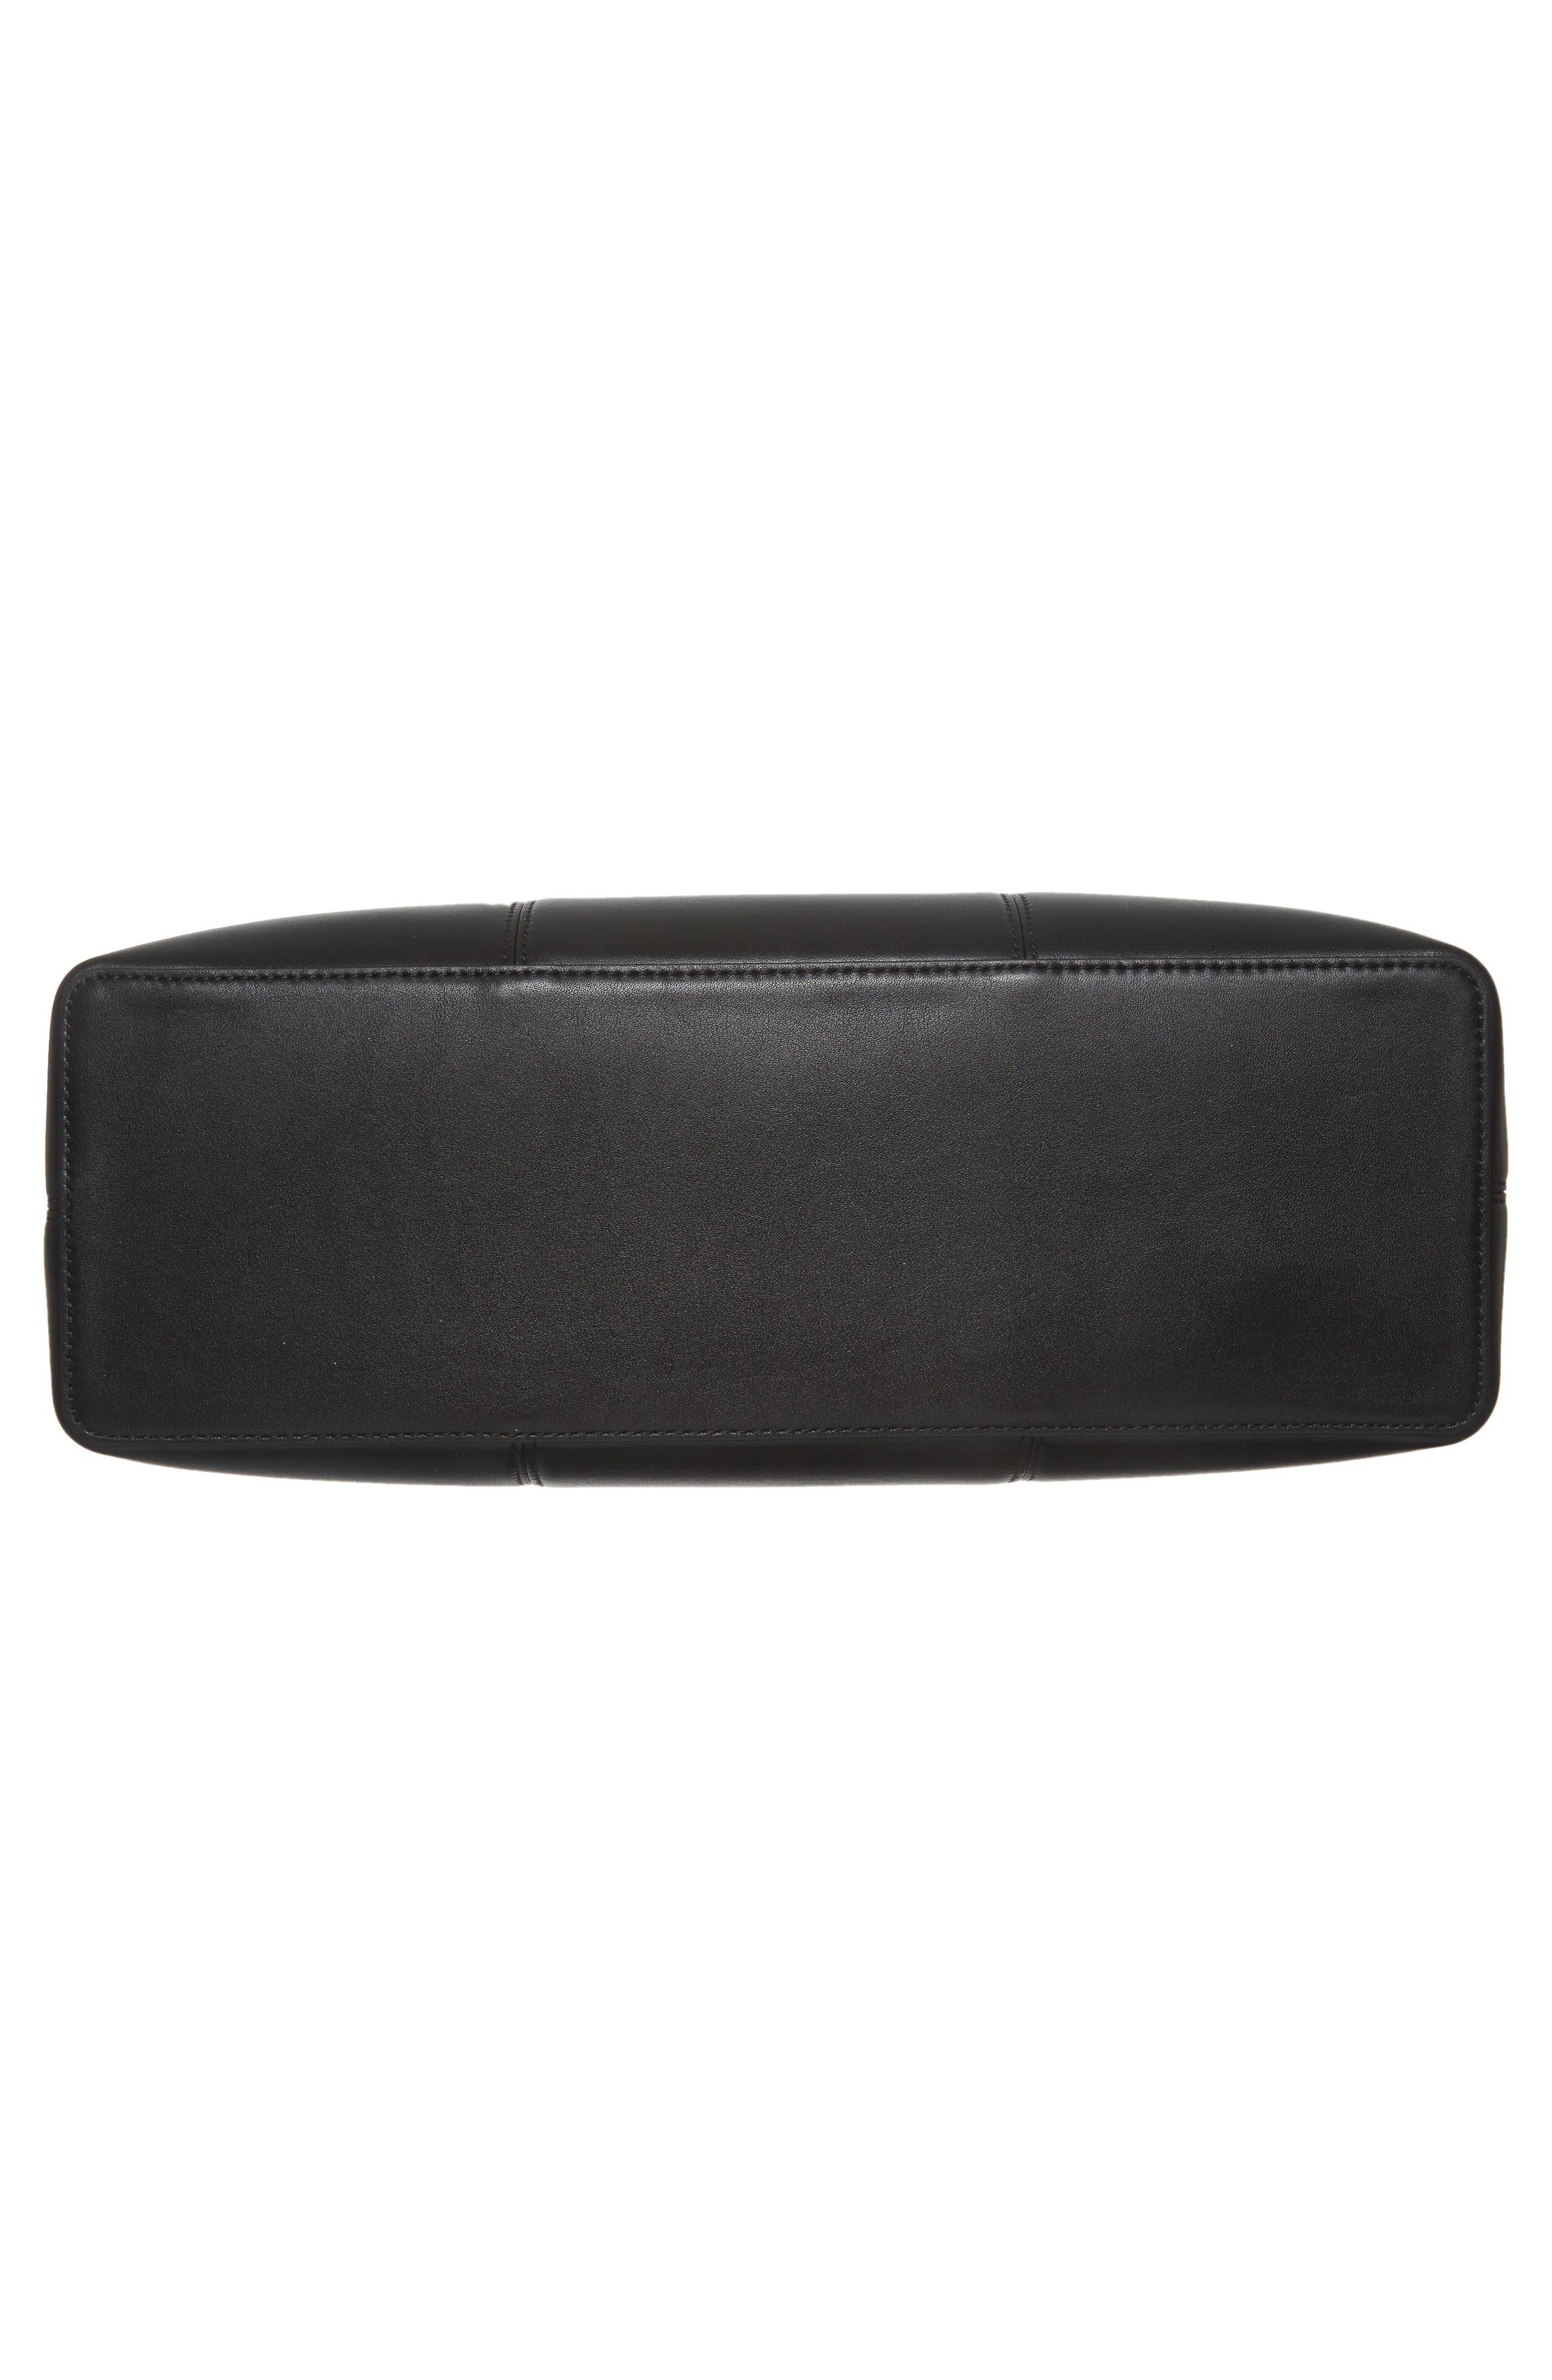 Block-T Leather Tote,                             Alternate thumbnail 5, color,                             Black/ Black